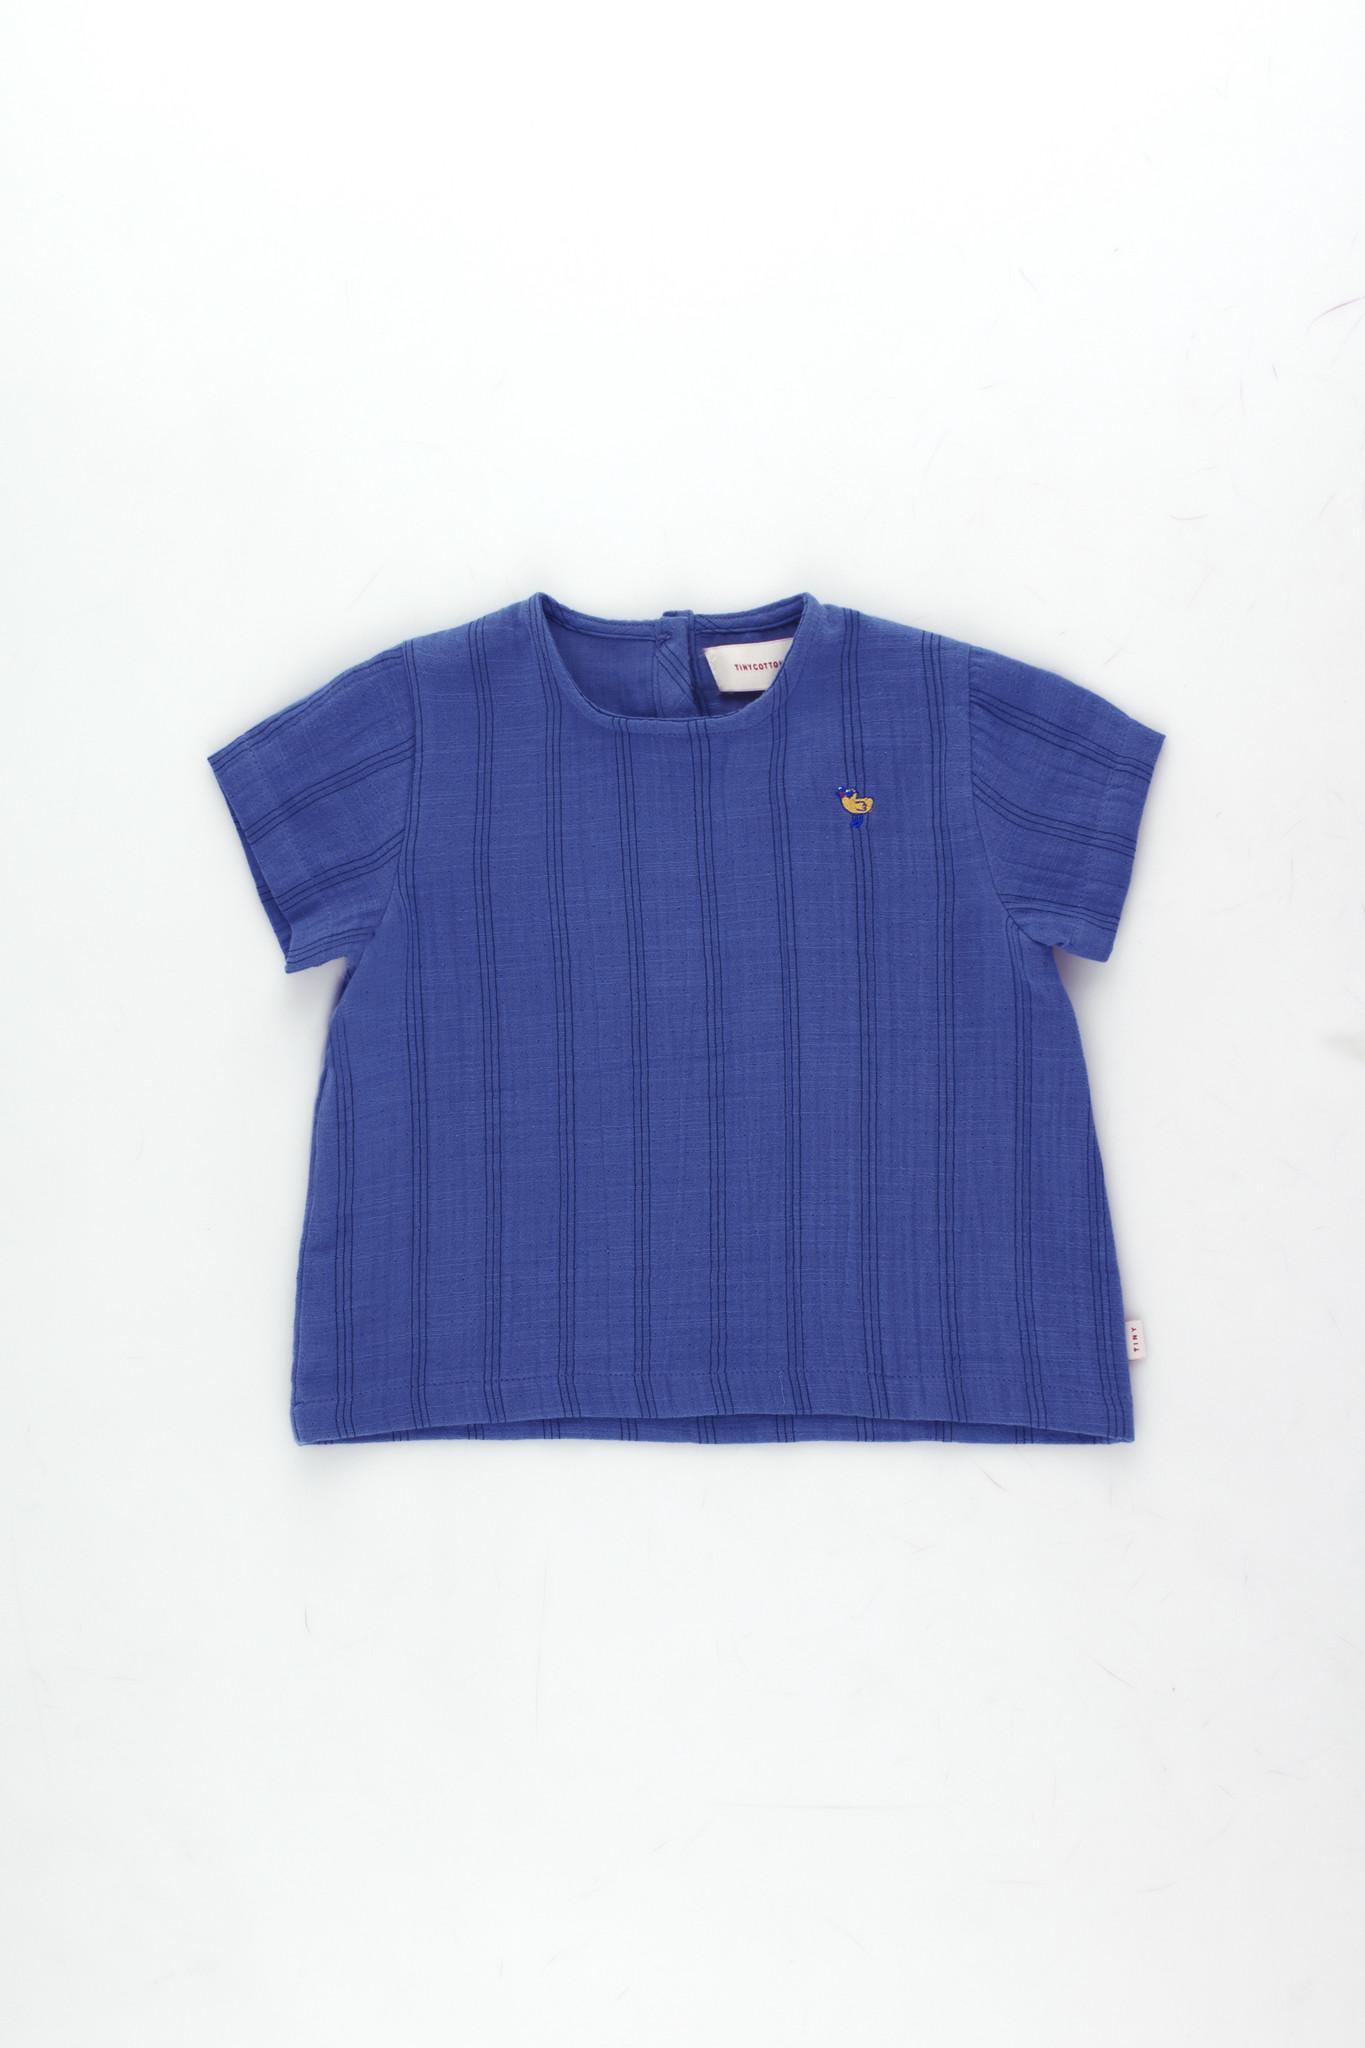 Bird baby shirt - Iris Blue / Ink Blue-1